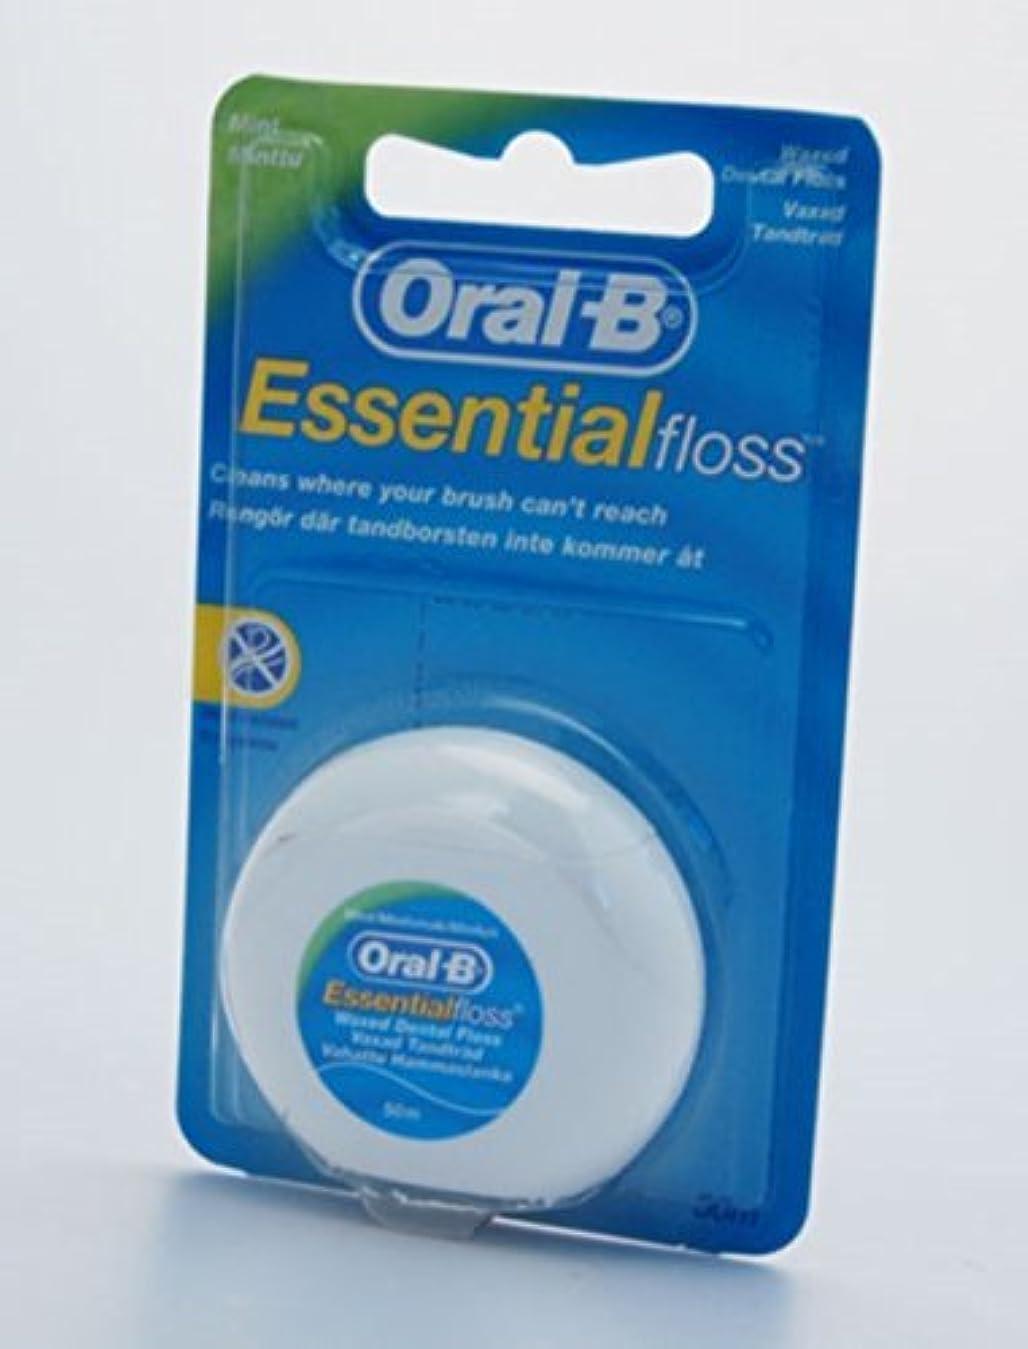 構成員ジャム知覚できる3X 50M ORAL-B ESSENTIAL DENTAL FLOSS WAXED - MINT WAXED by Oral-B